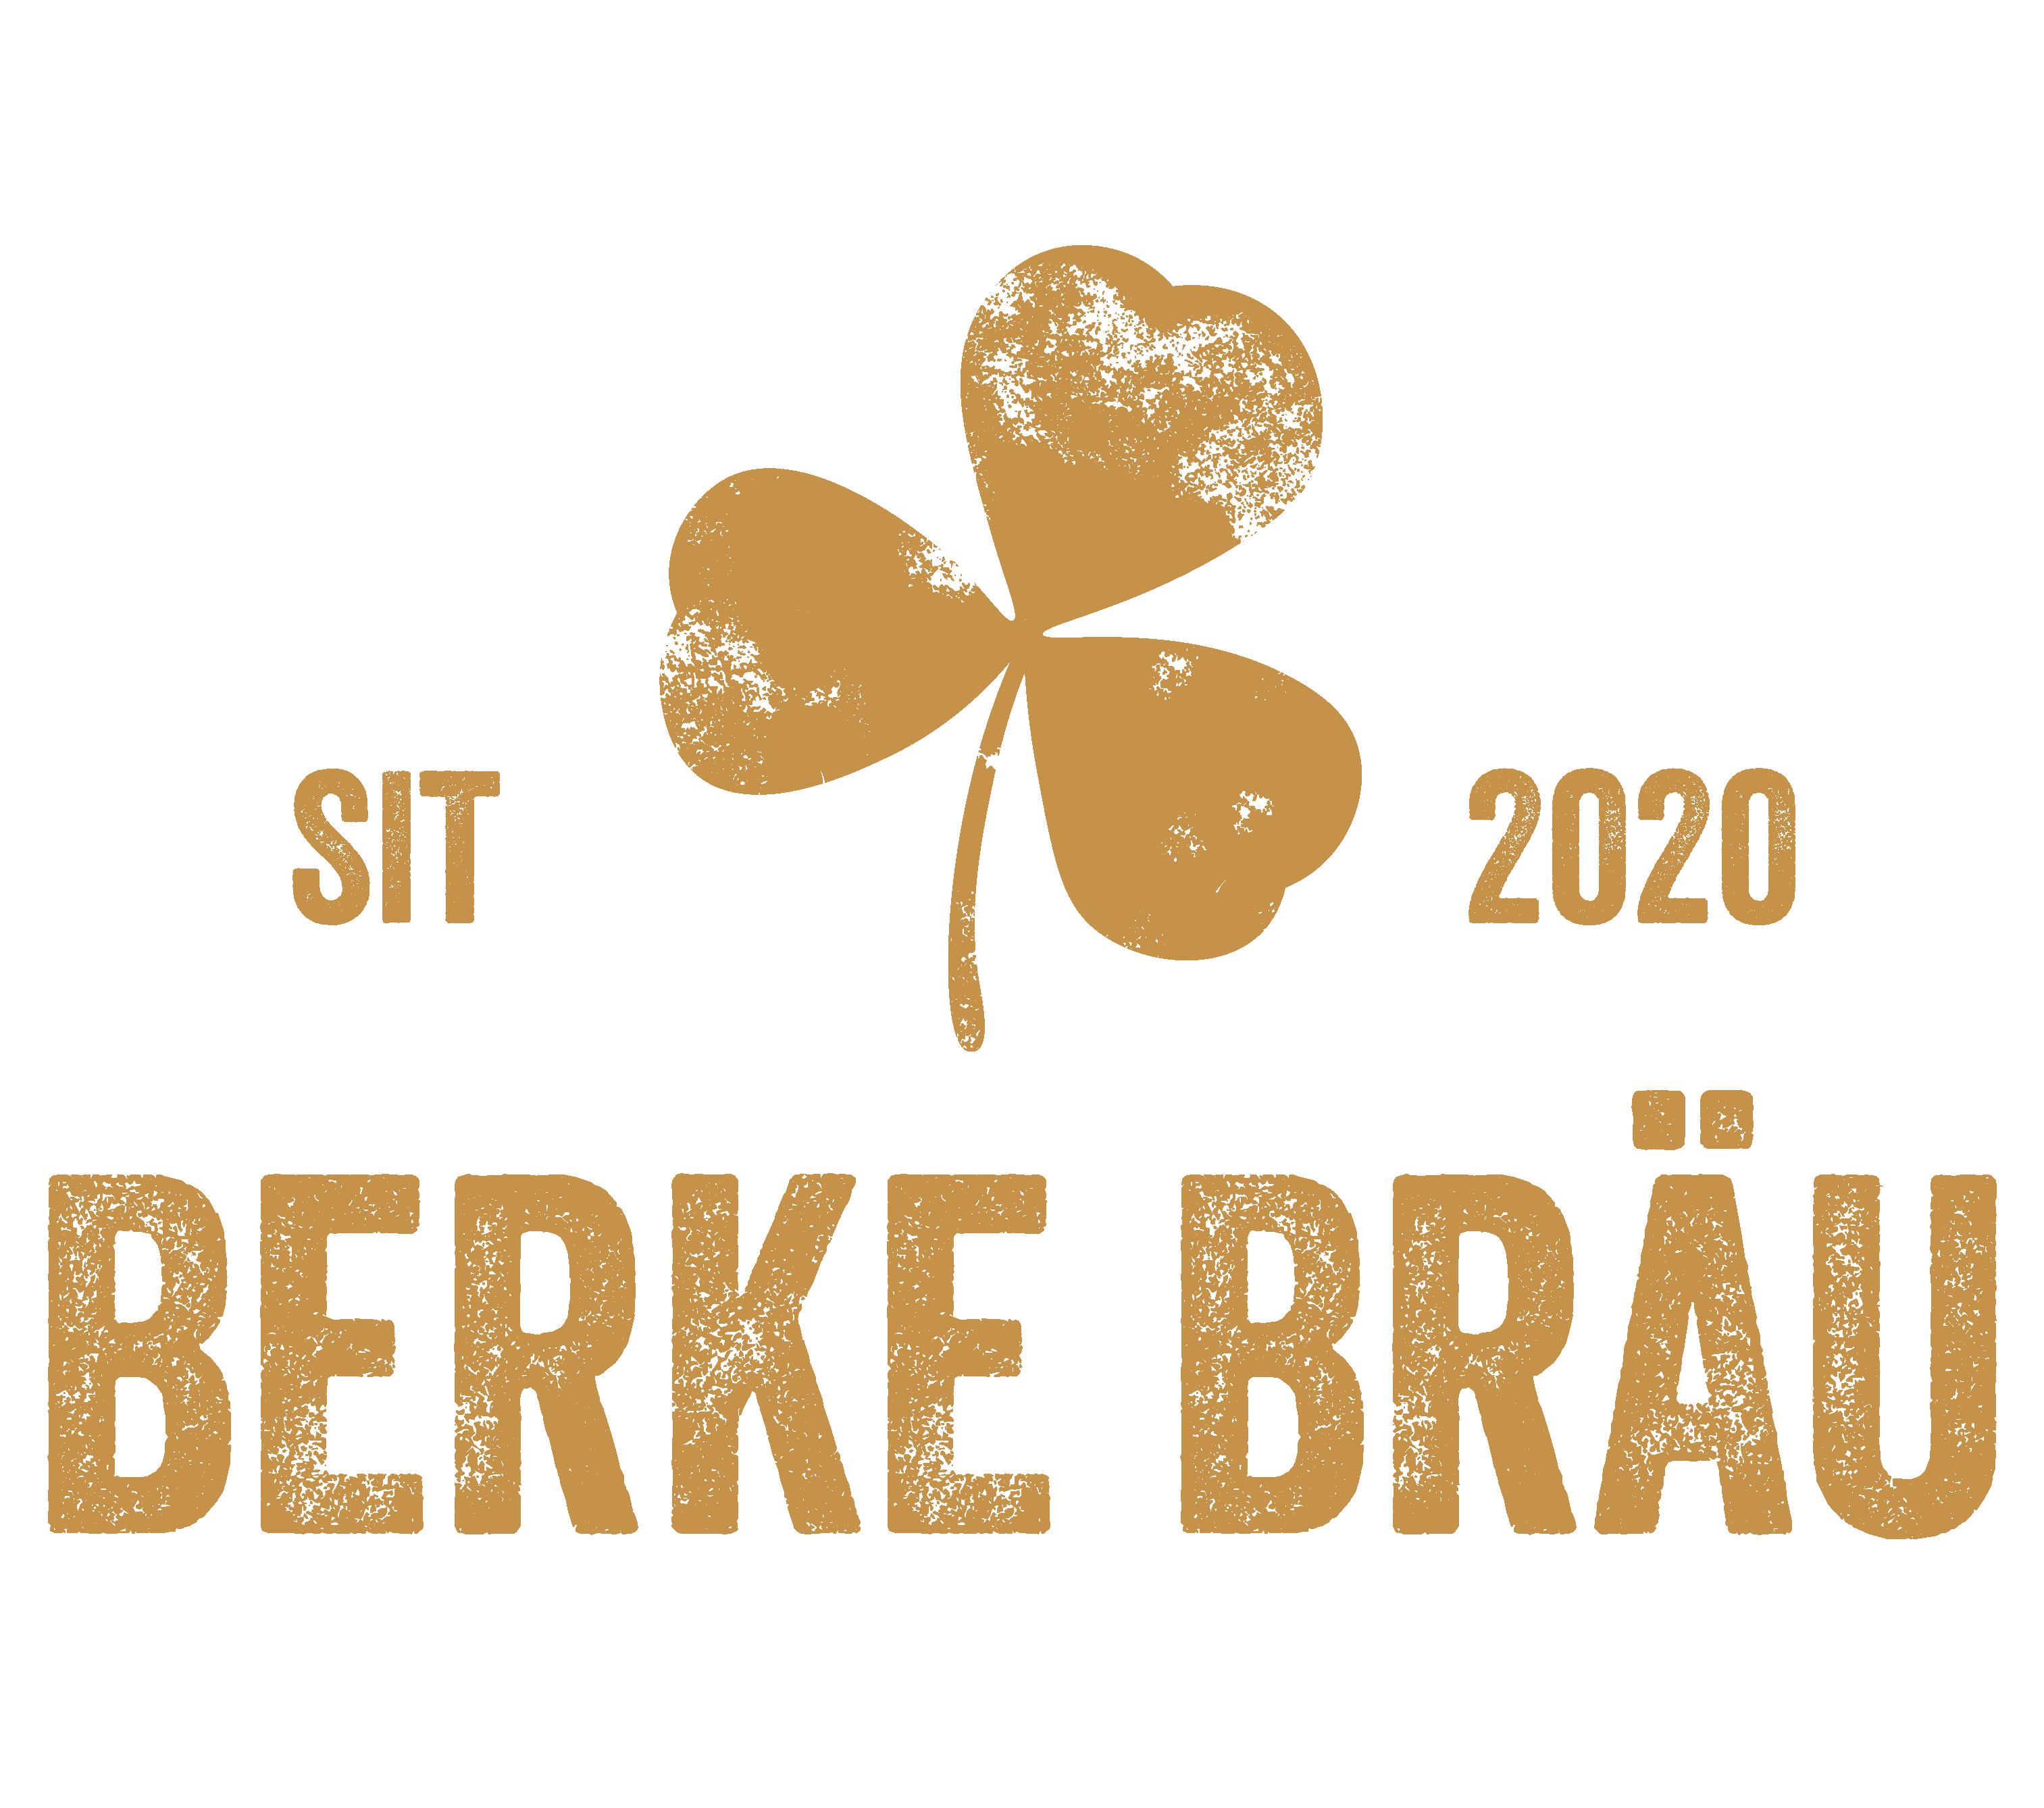 Berke Bräu